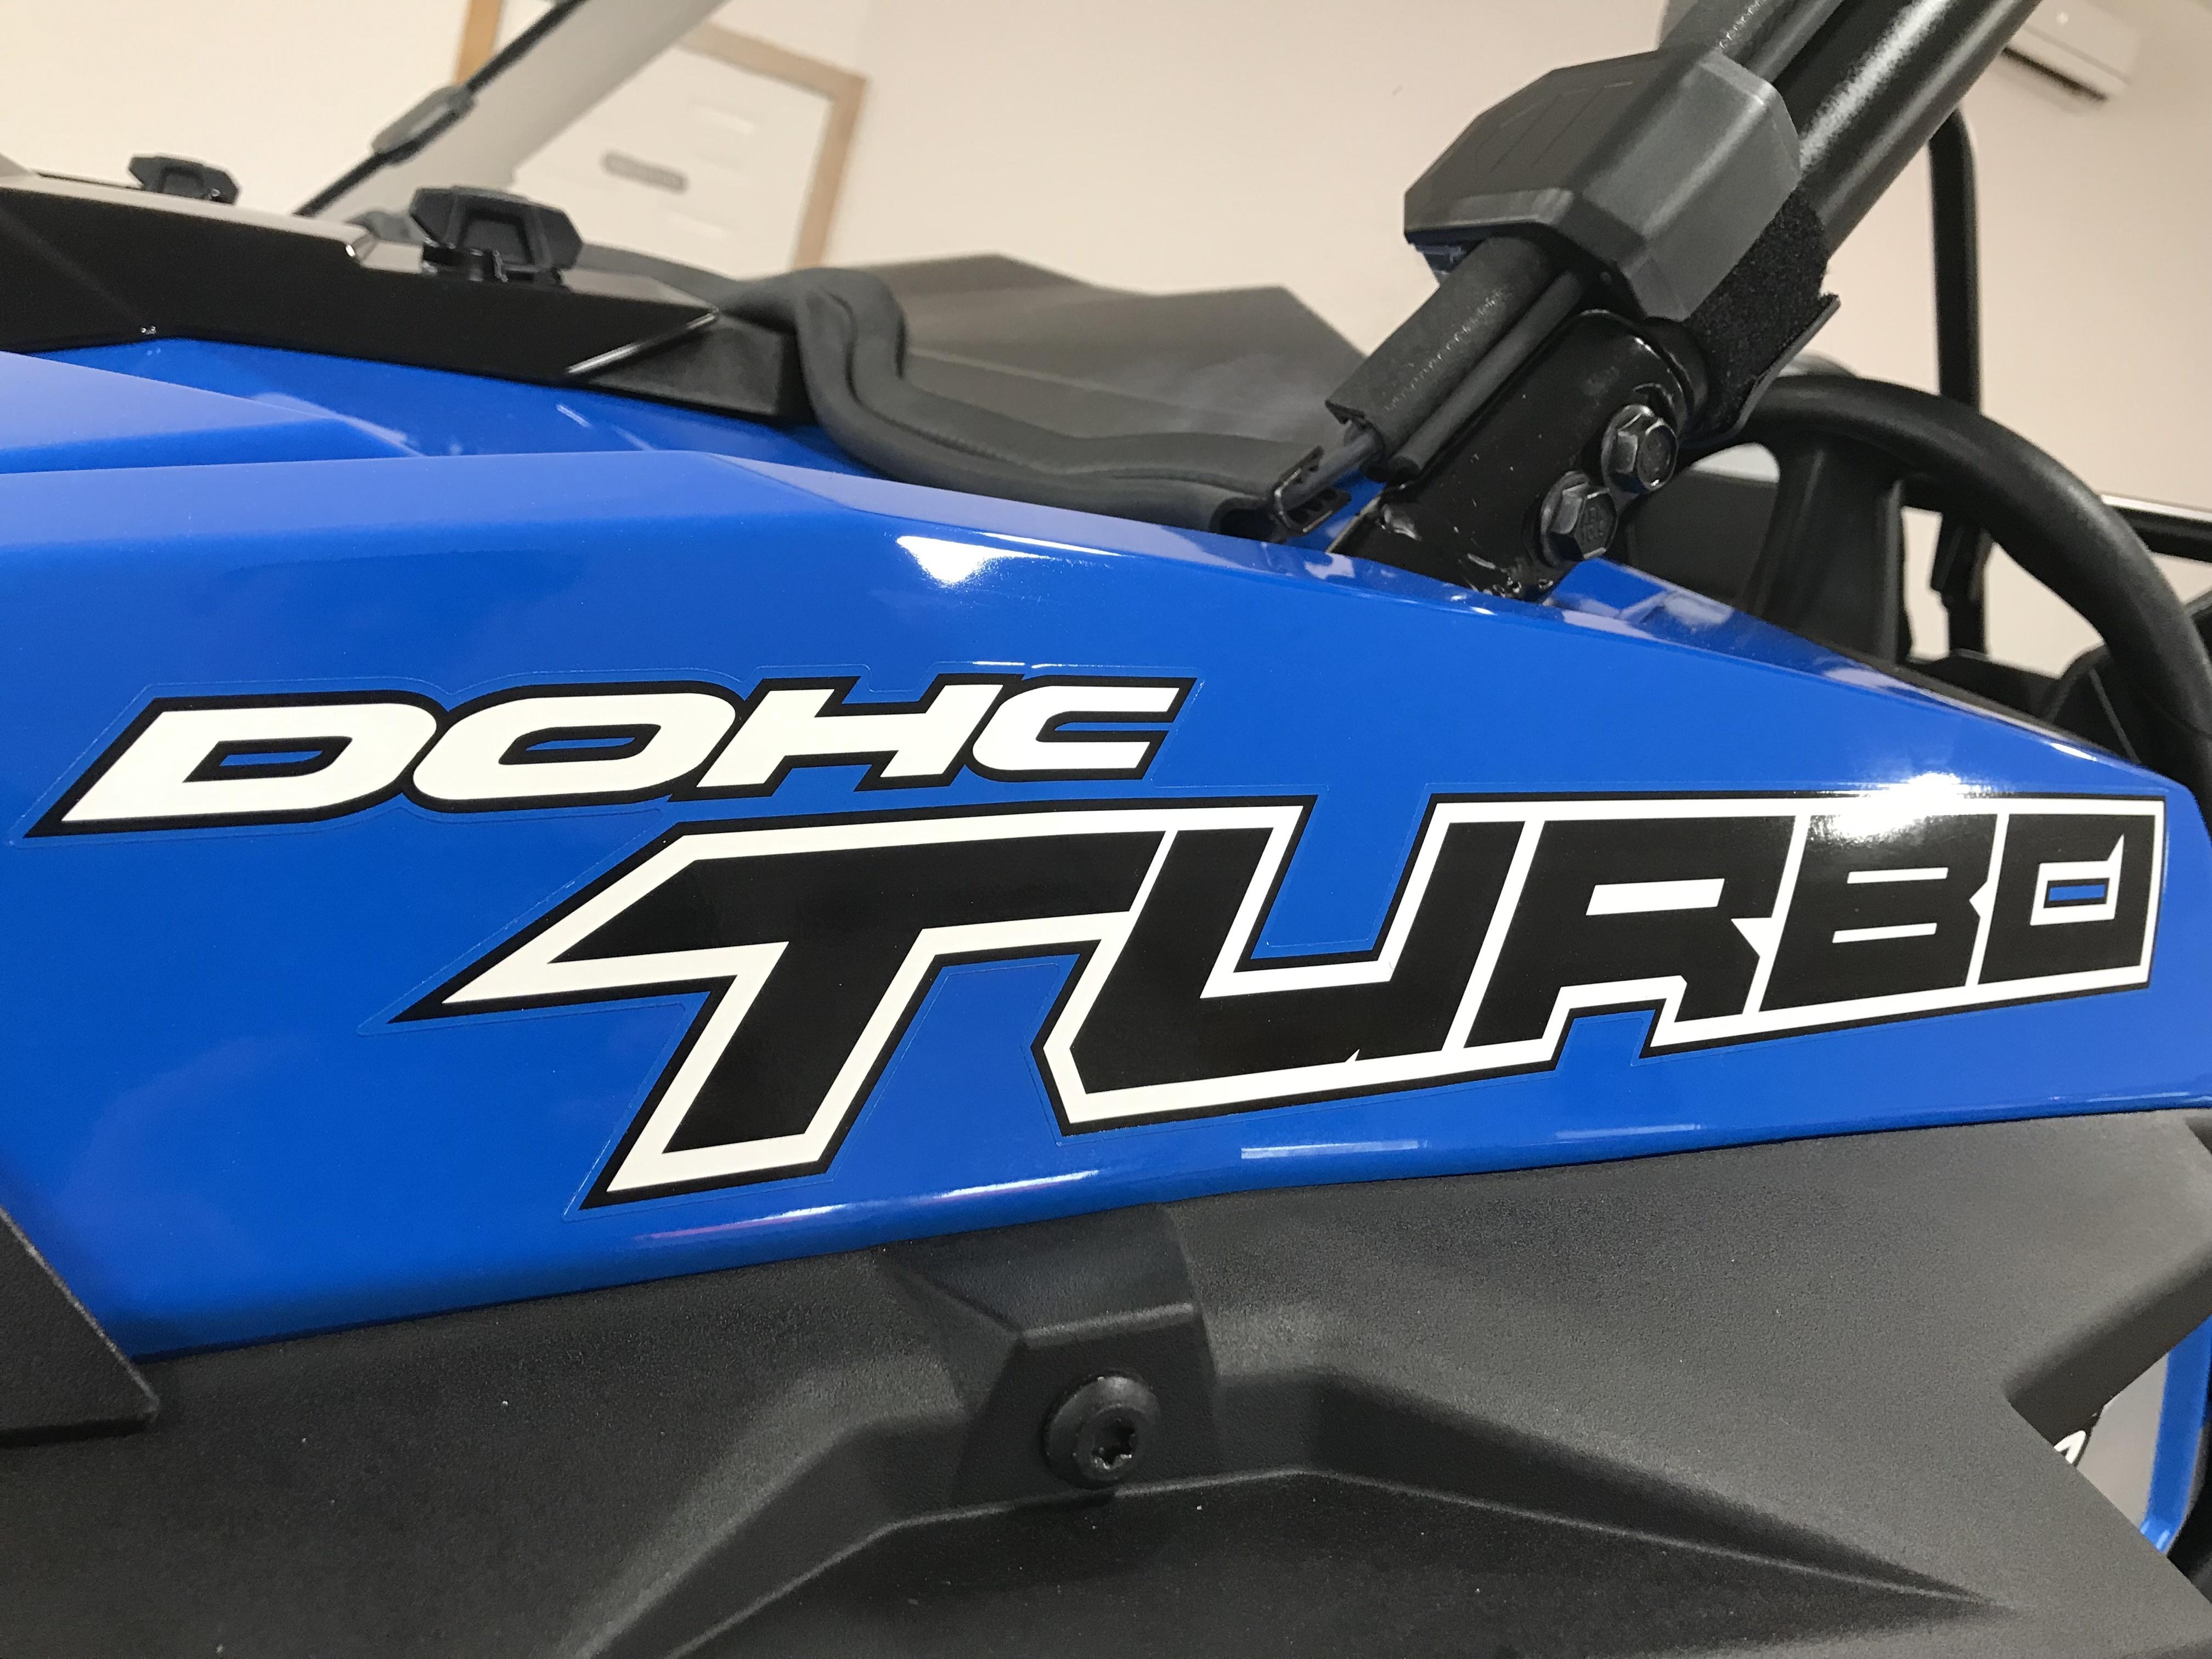 2018 Polaris RZR XP 1000 Turbo EPS - ONLY 224 Miles!